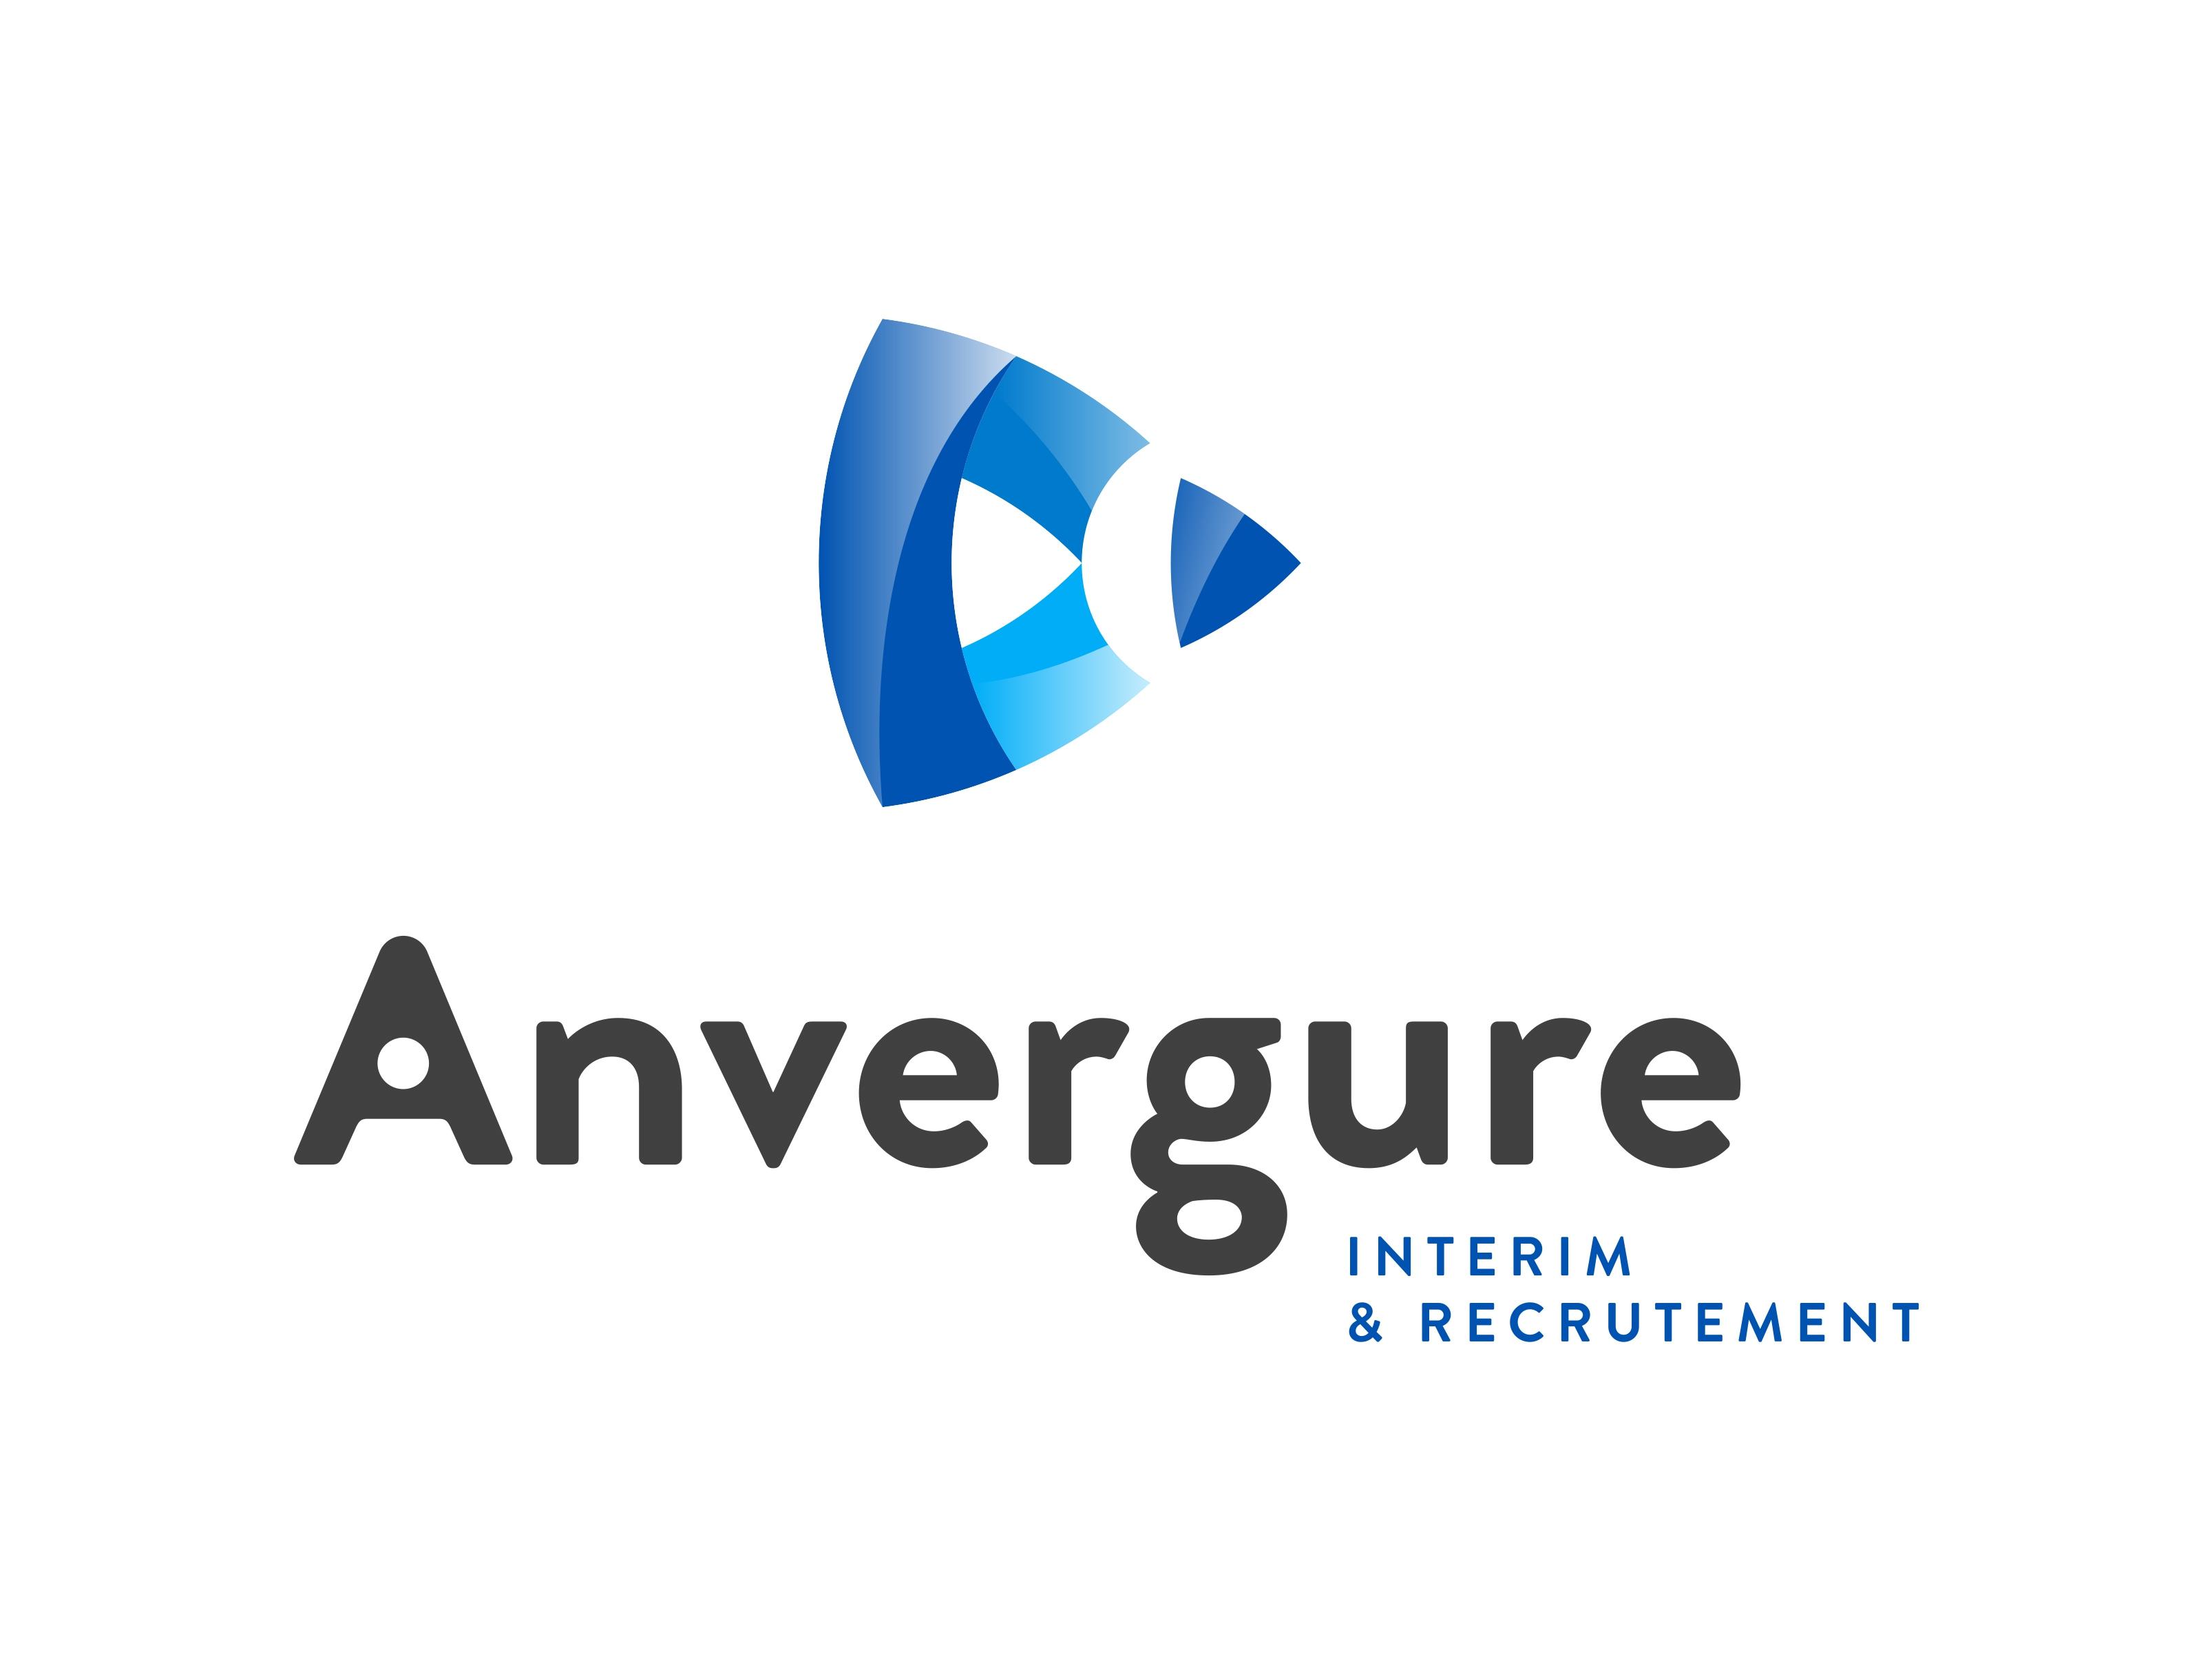 ANVERGURE INTERIM & RECRUTEMENT